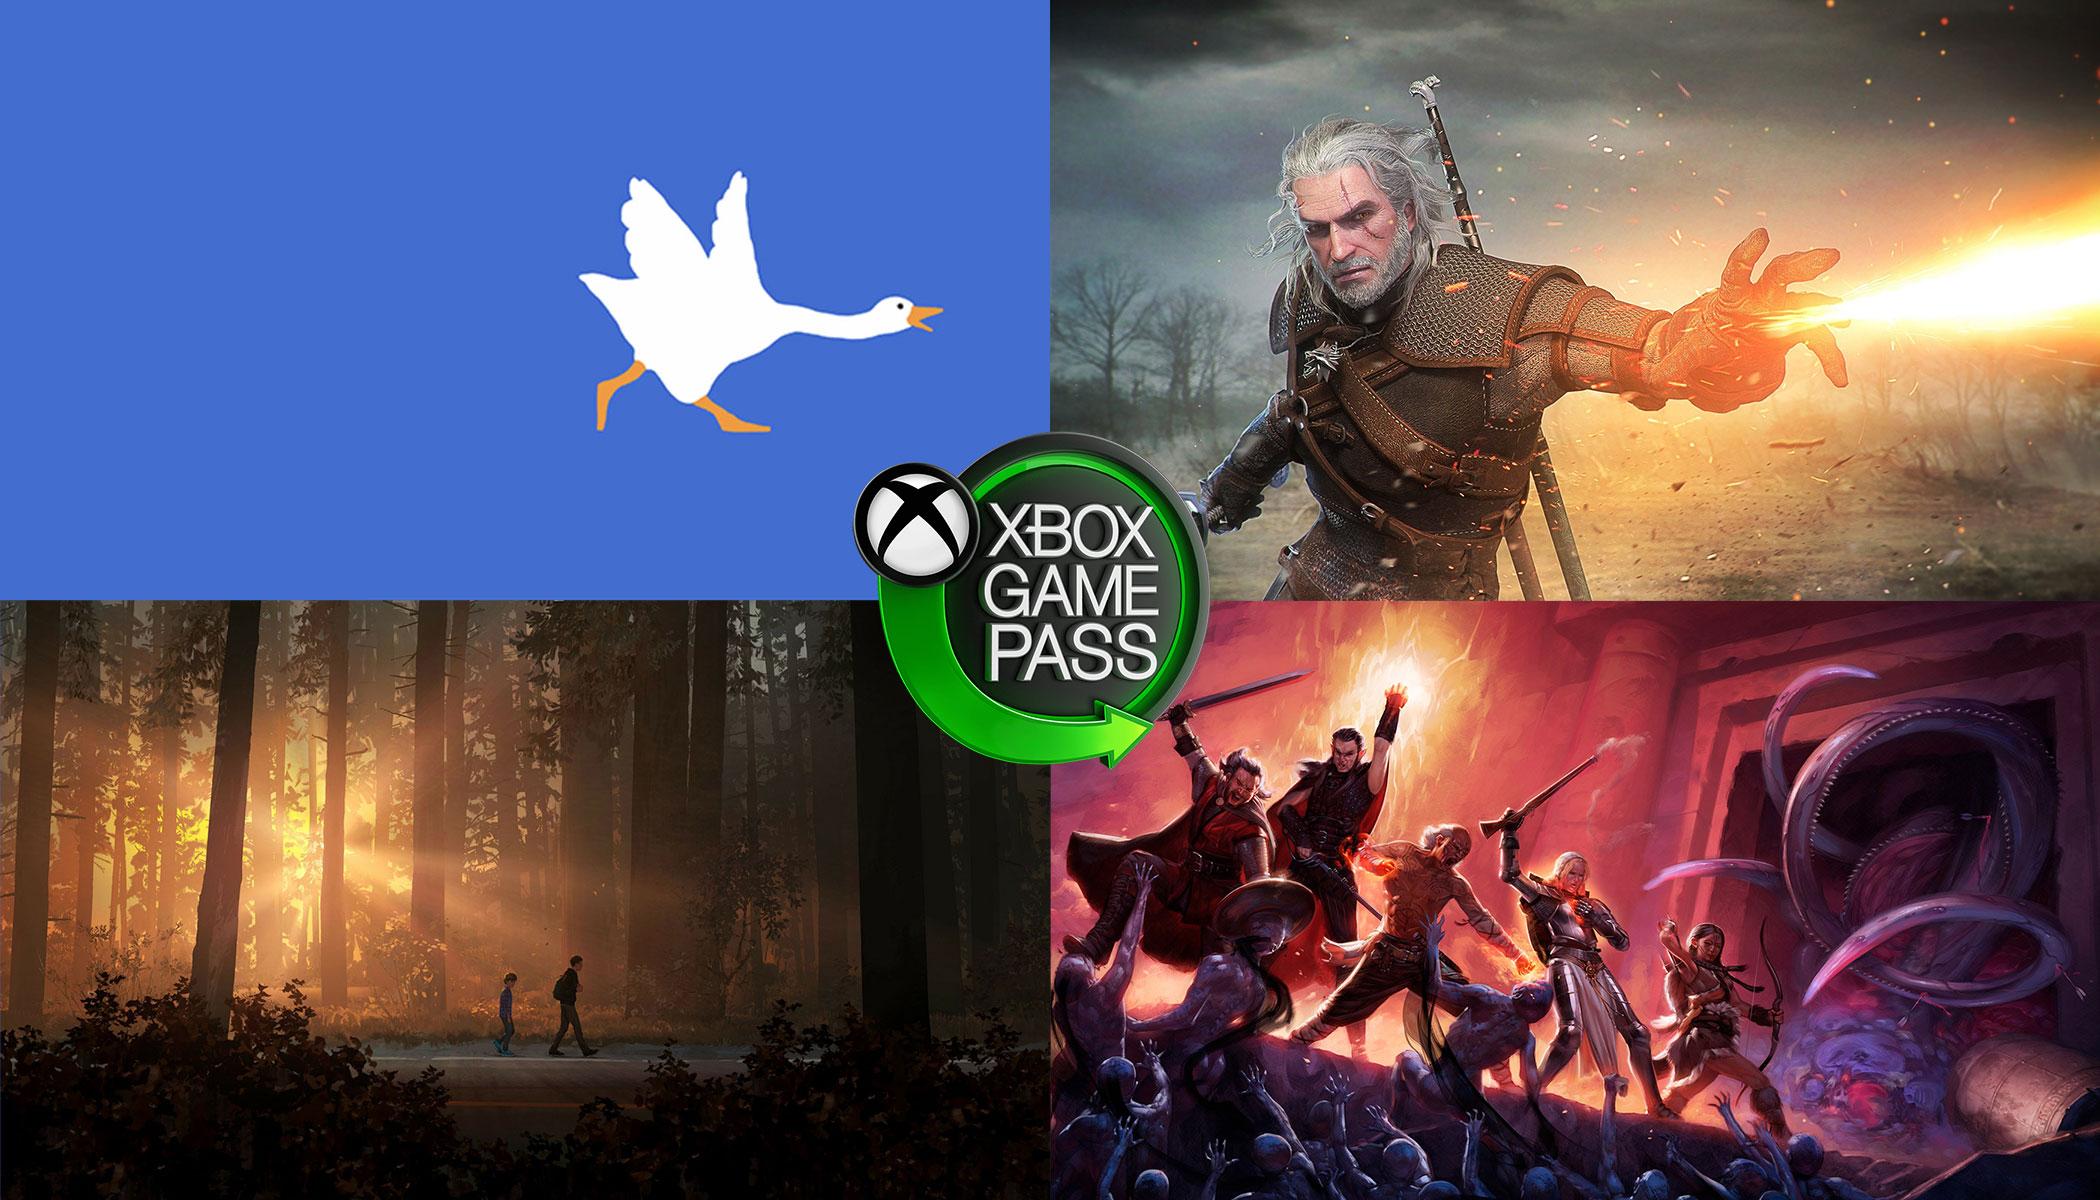 Wiedźmin wraz z gęsią nadciągają do Xbox Game Pass 18